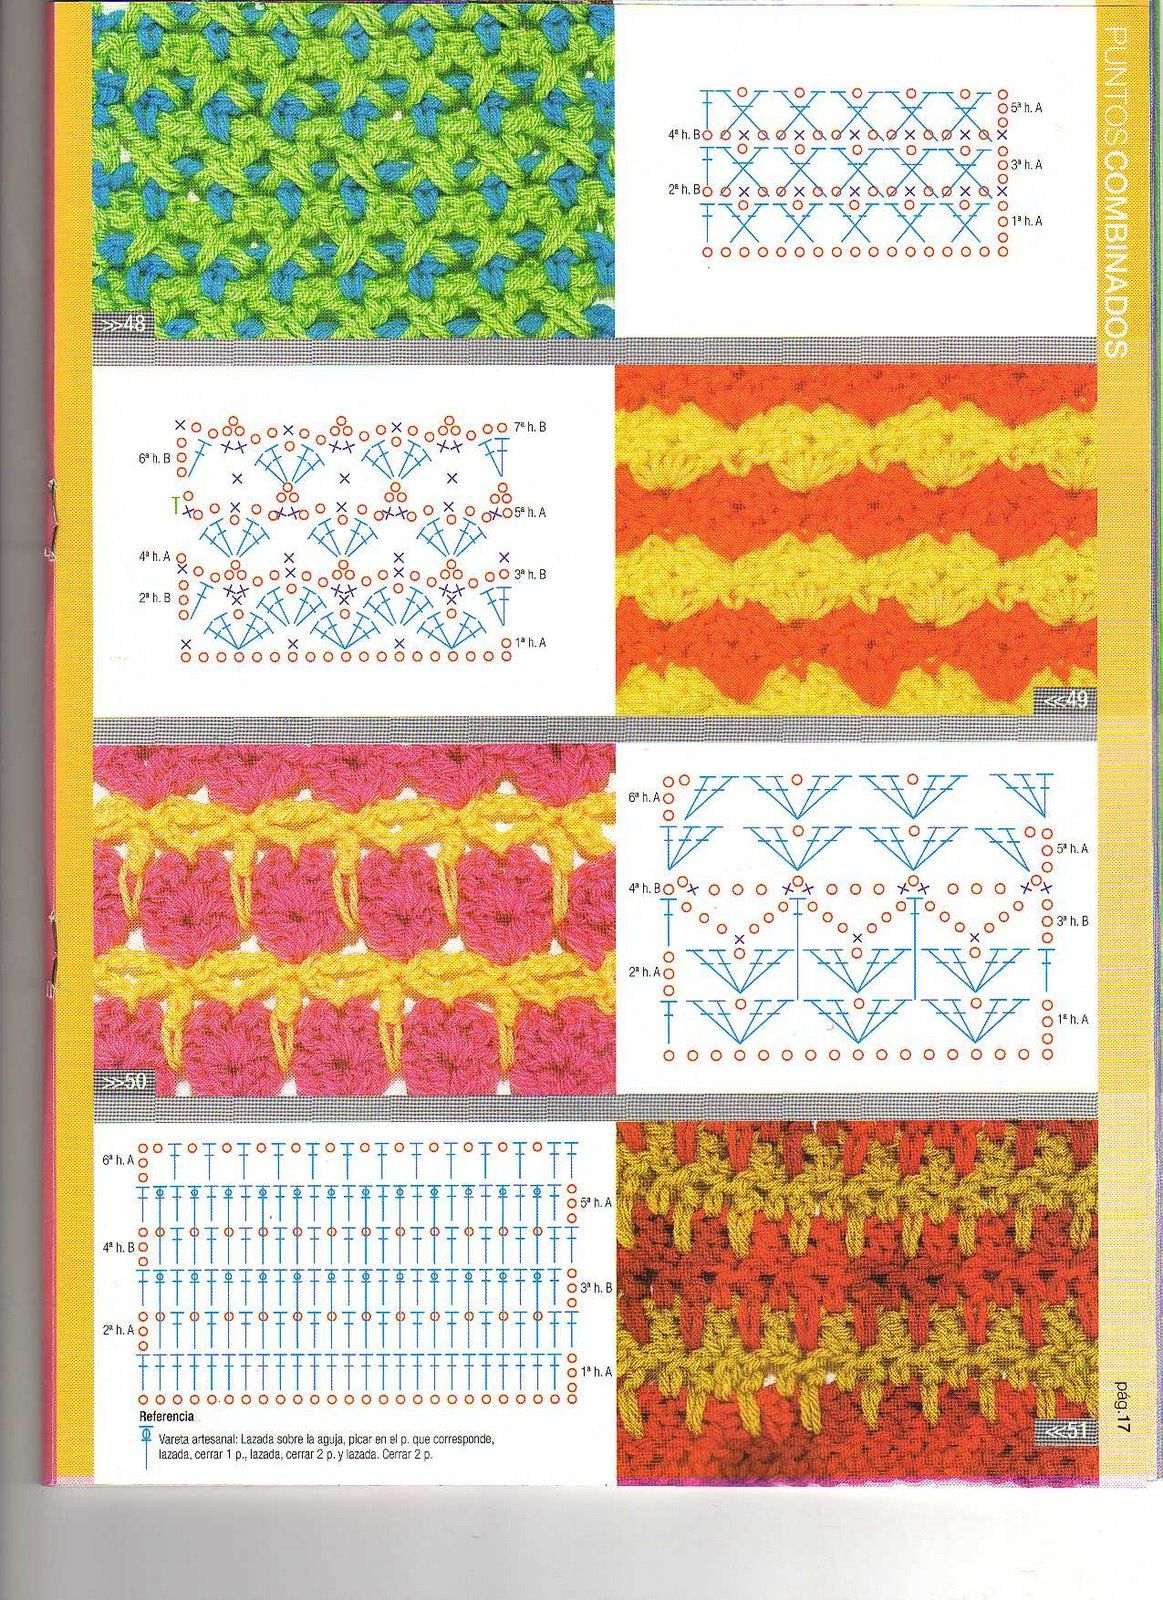 Solo puntos crochet dos colores - Salones pintados en dos colores ...